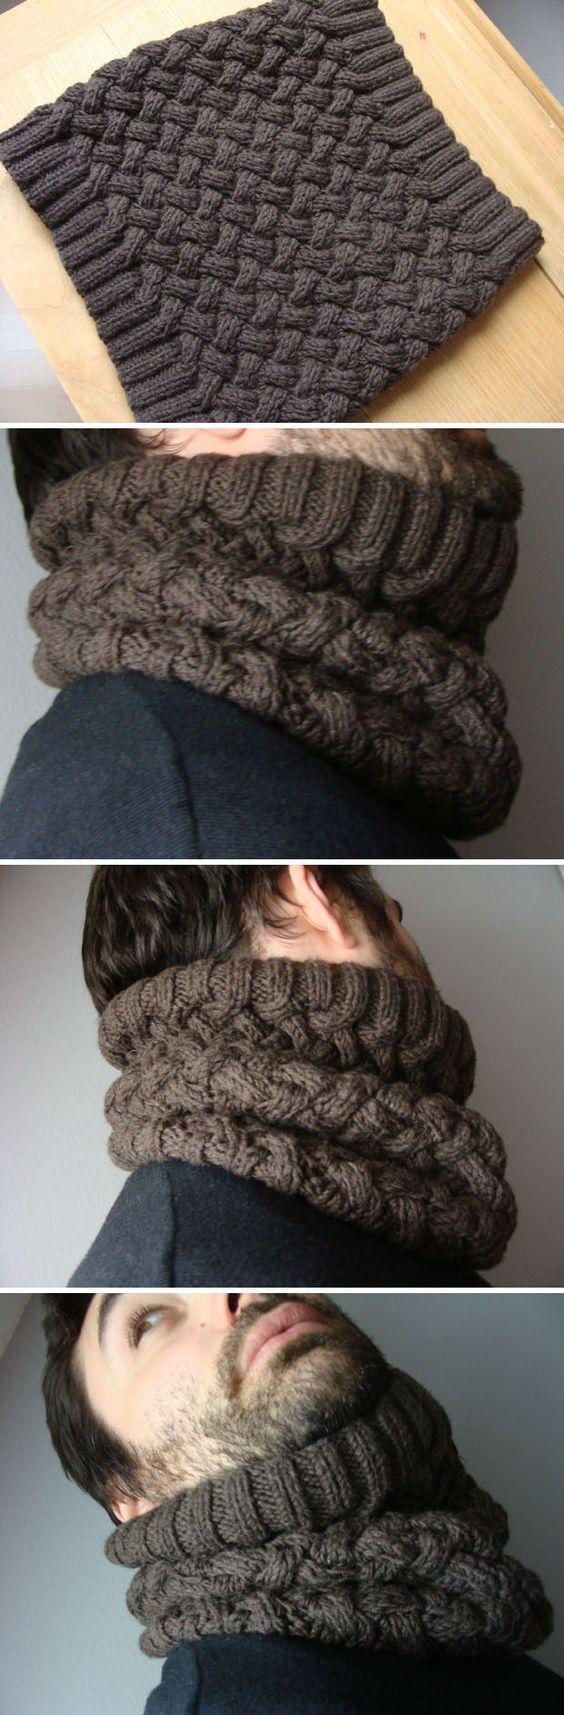 Cuellos fudanda, excelentes para temporada invernal sin perder el buen estilo: